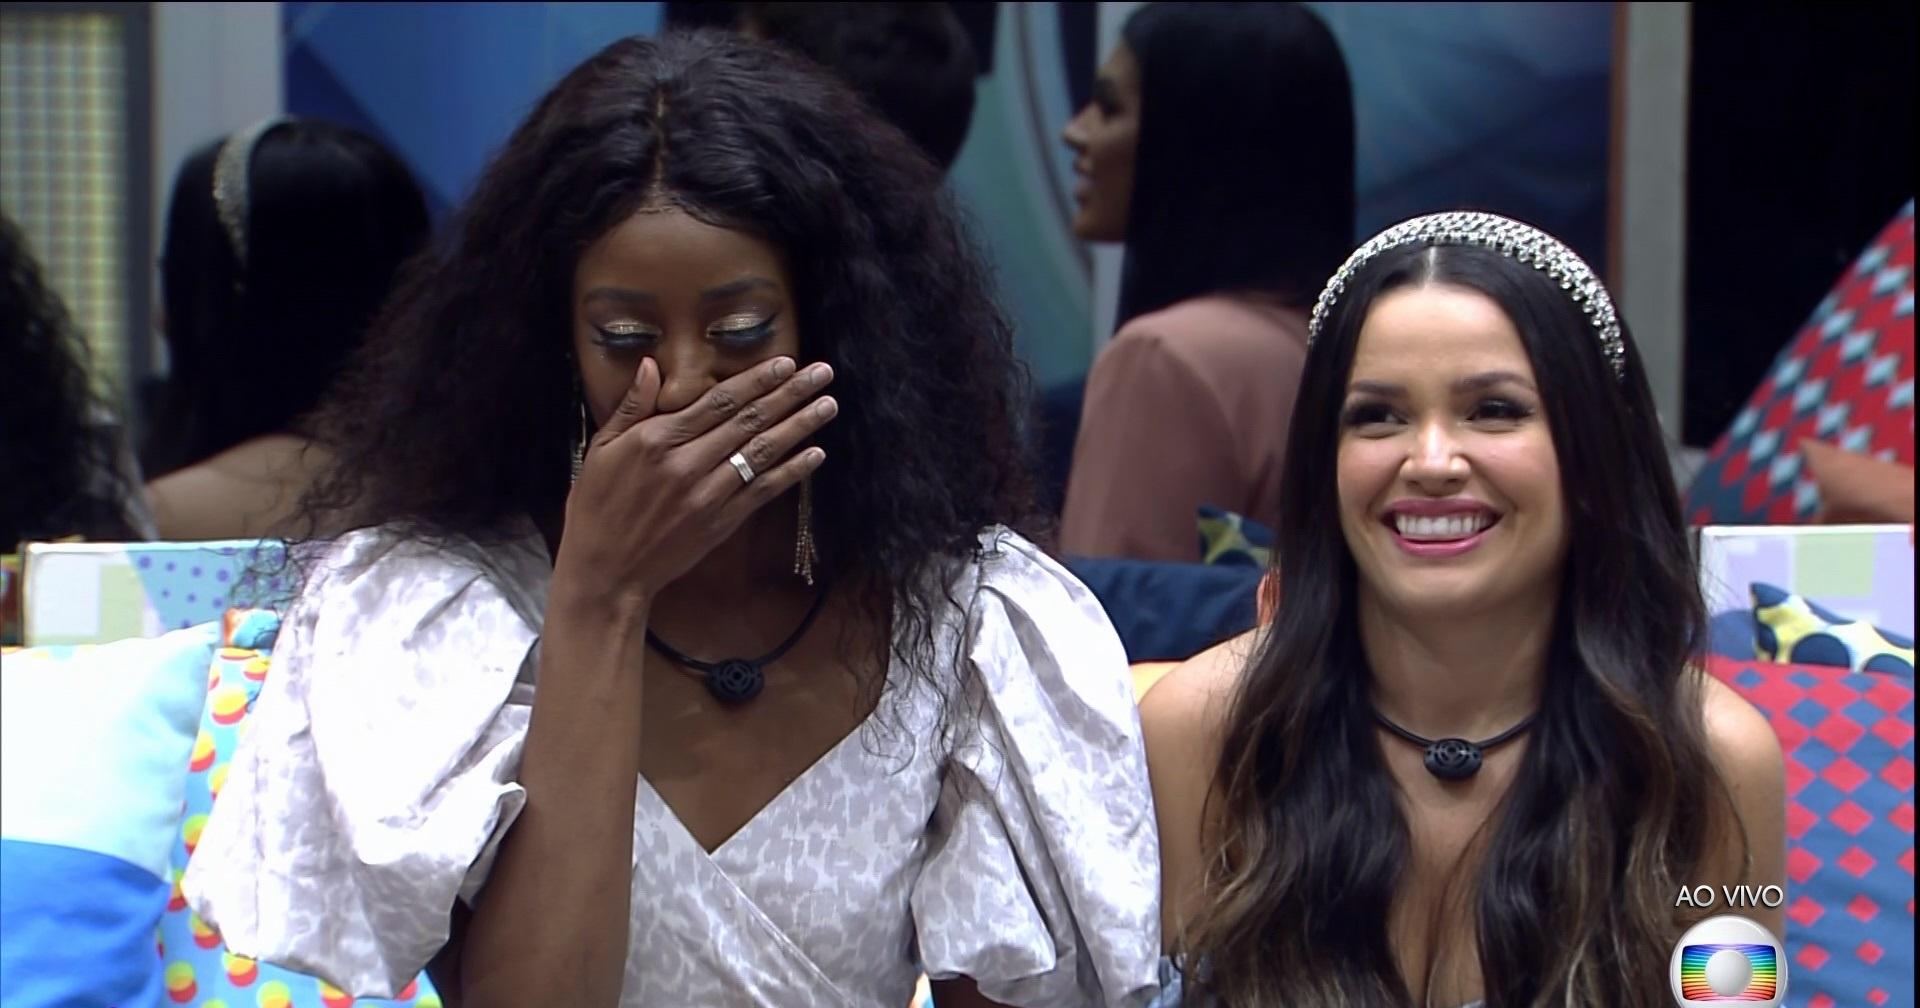 Camilla de Lucas e Juliette pouco antes da eliminação do Big Brother Brasil (Foto: Reprodução)